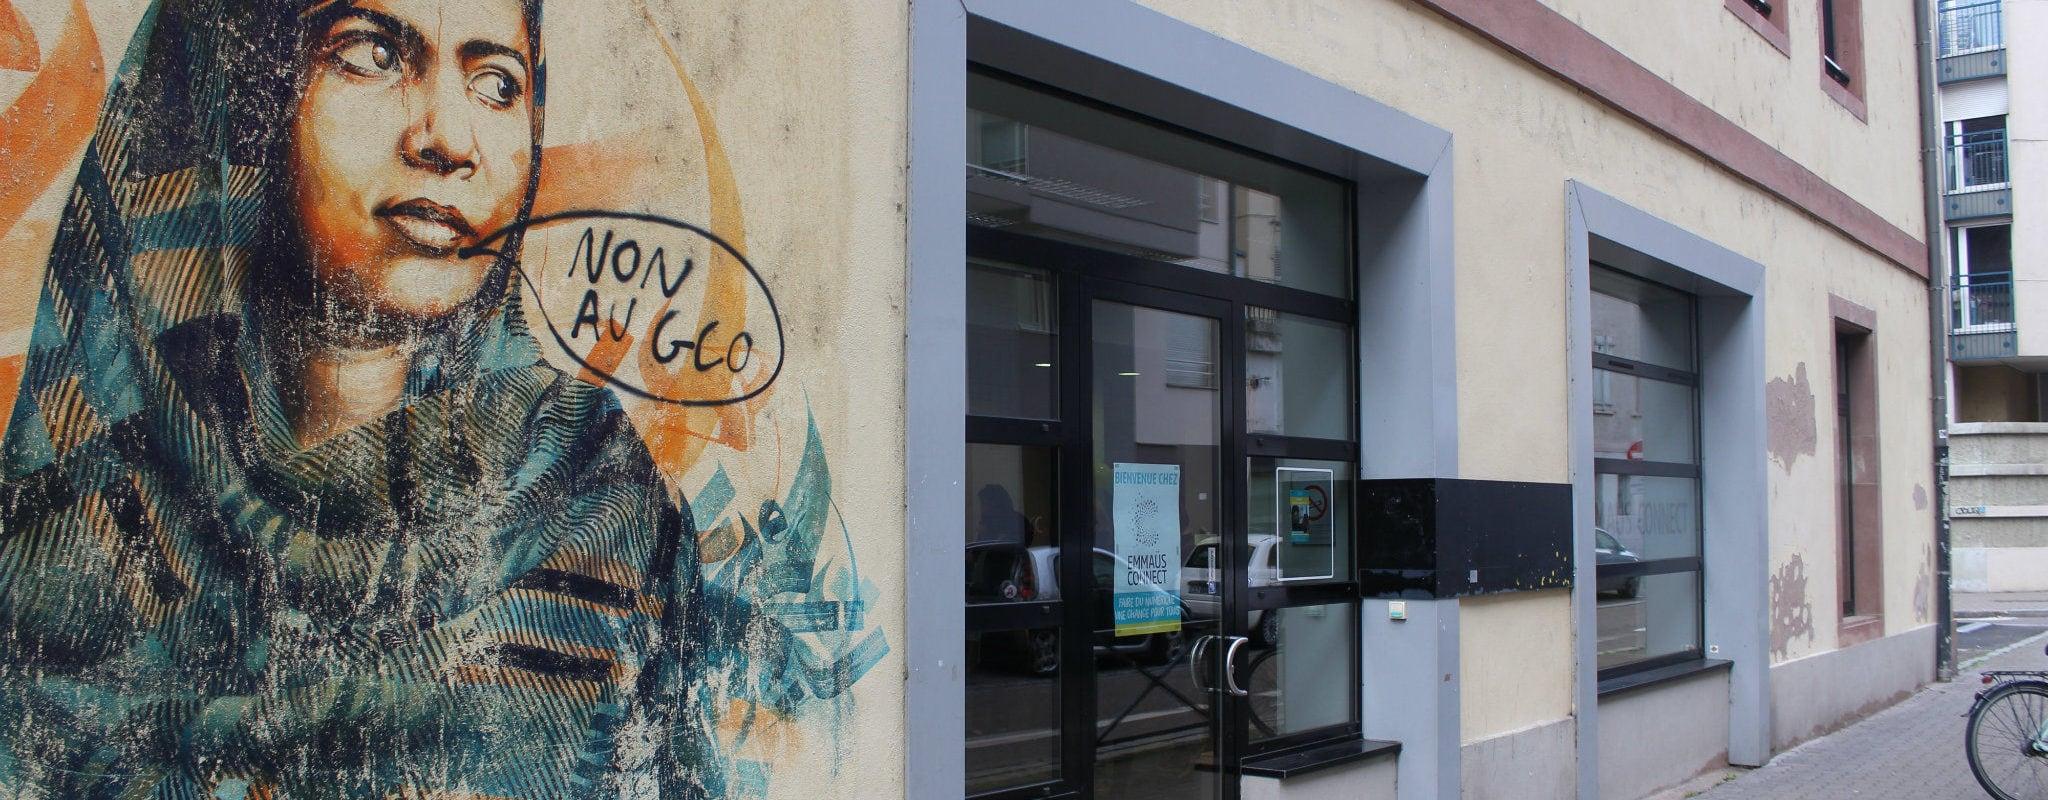 Pour les perdus d'internet, Emmaüs ouvre un lieu d'accueil